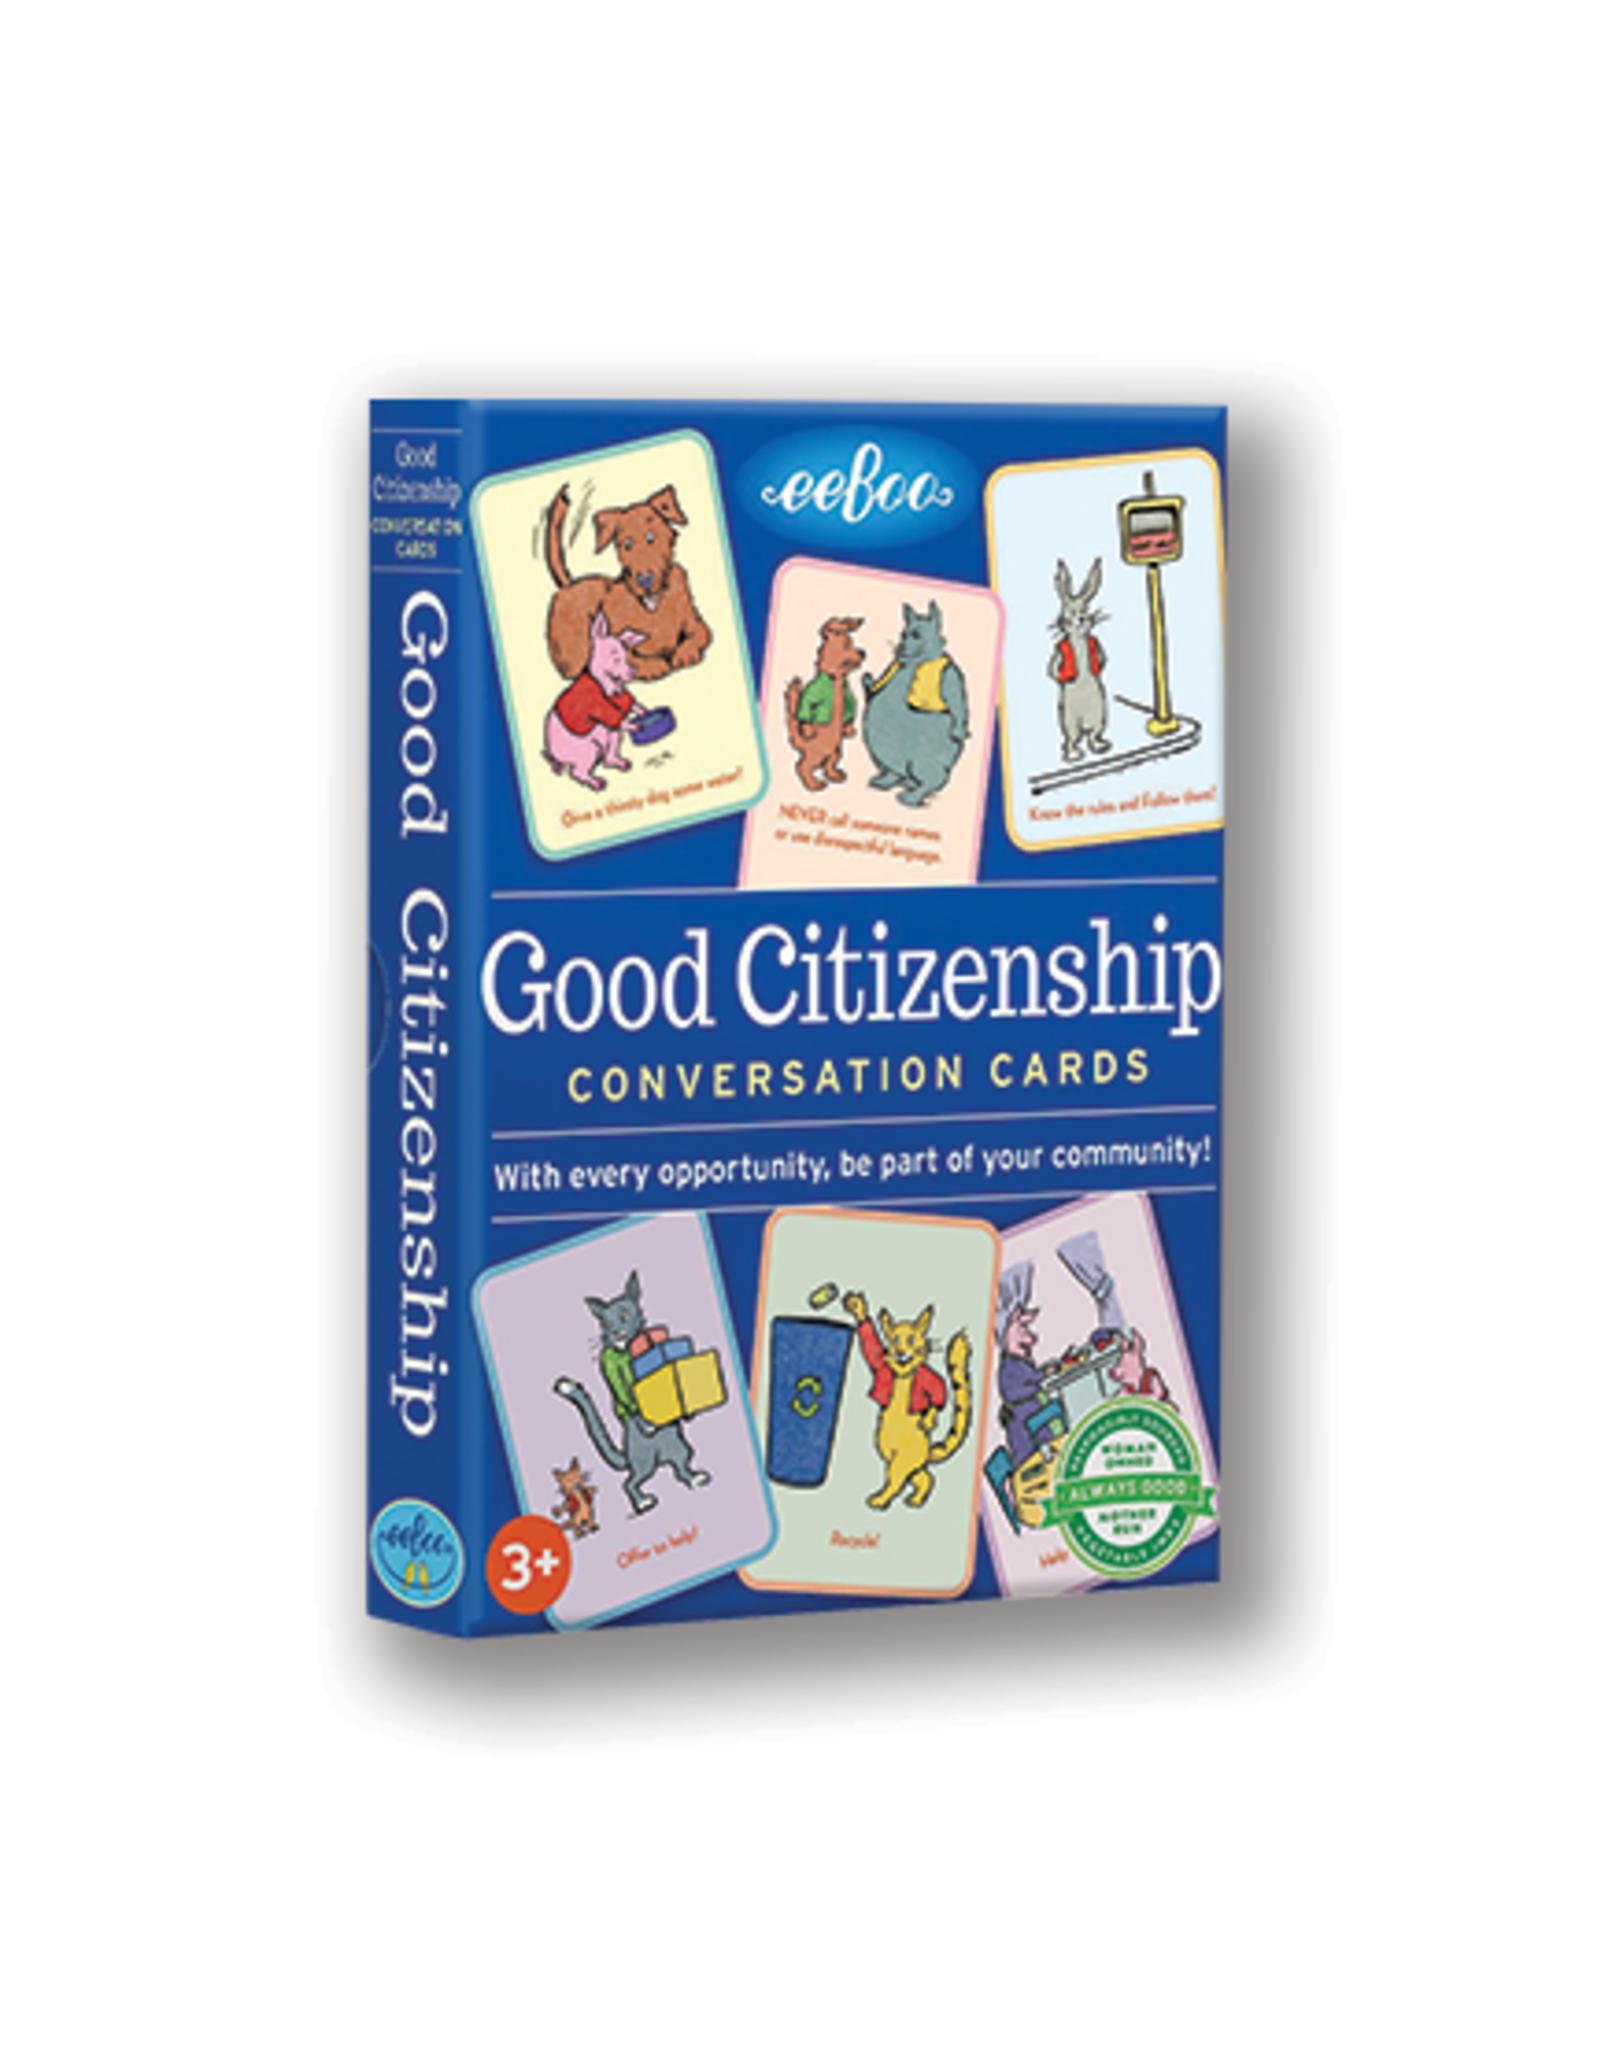 eeBoo Good Citizenship Conversation Cards